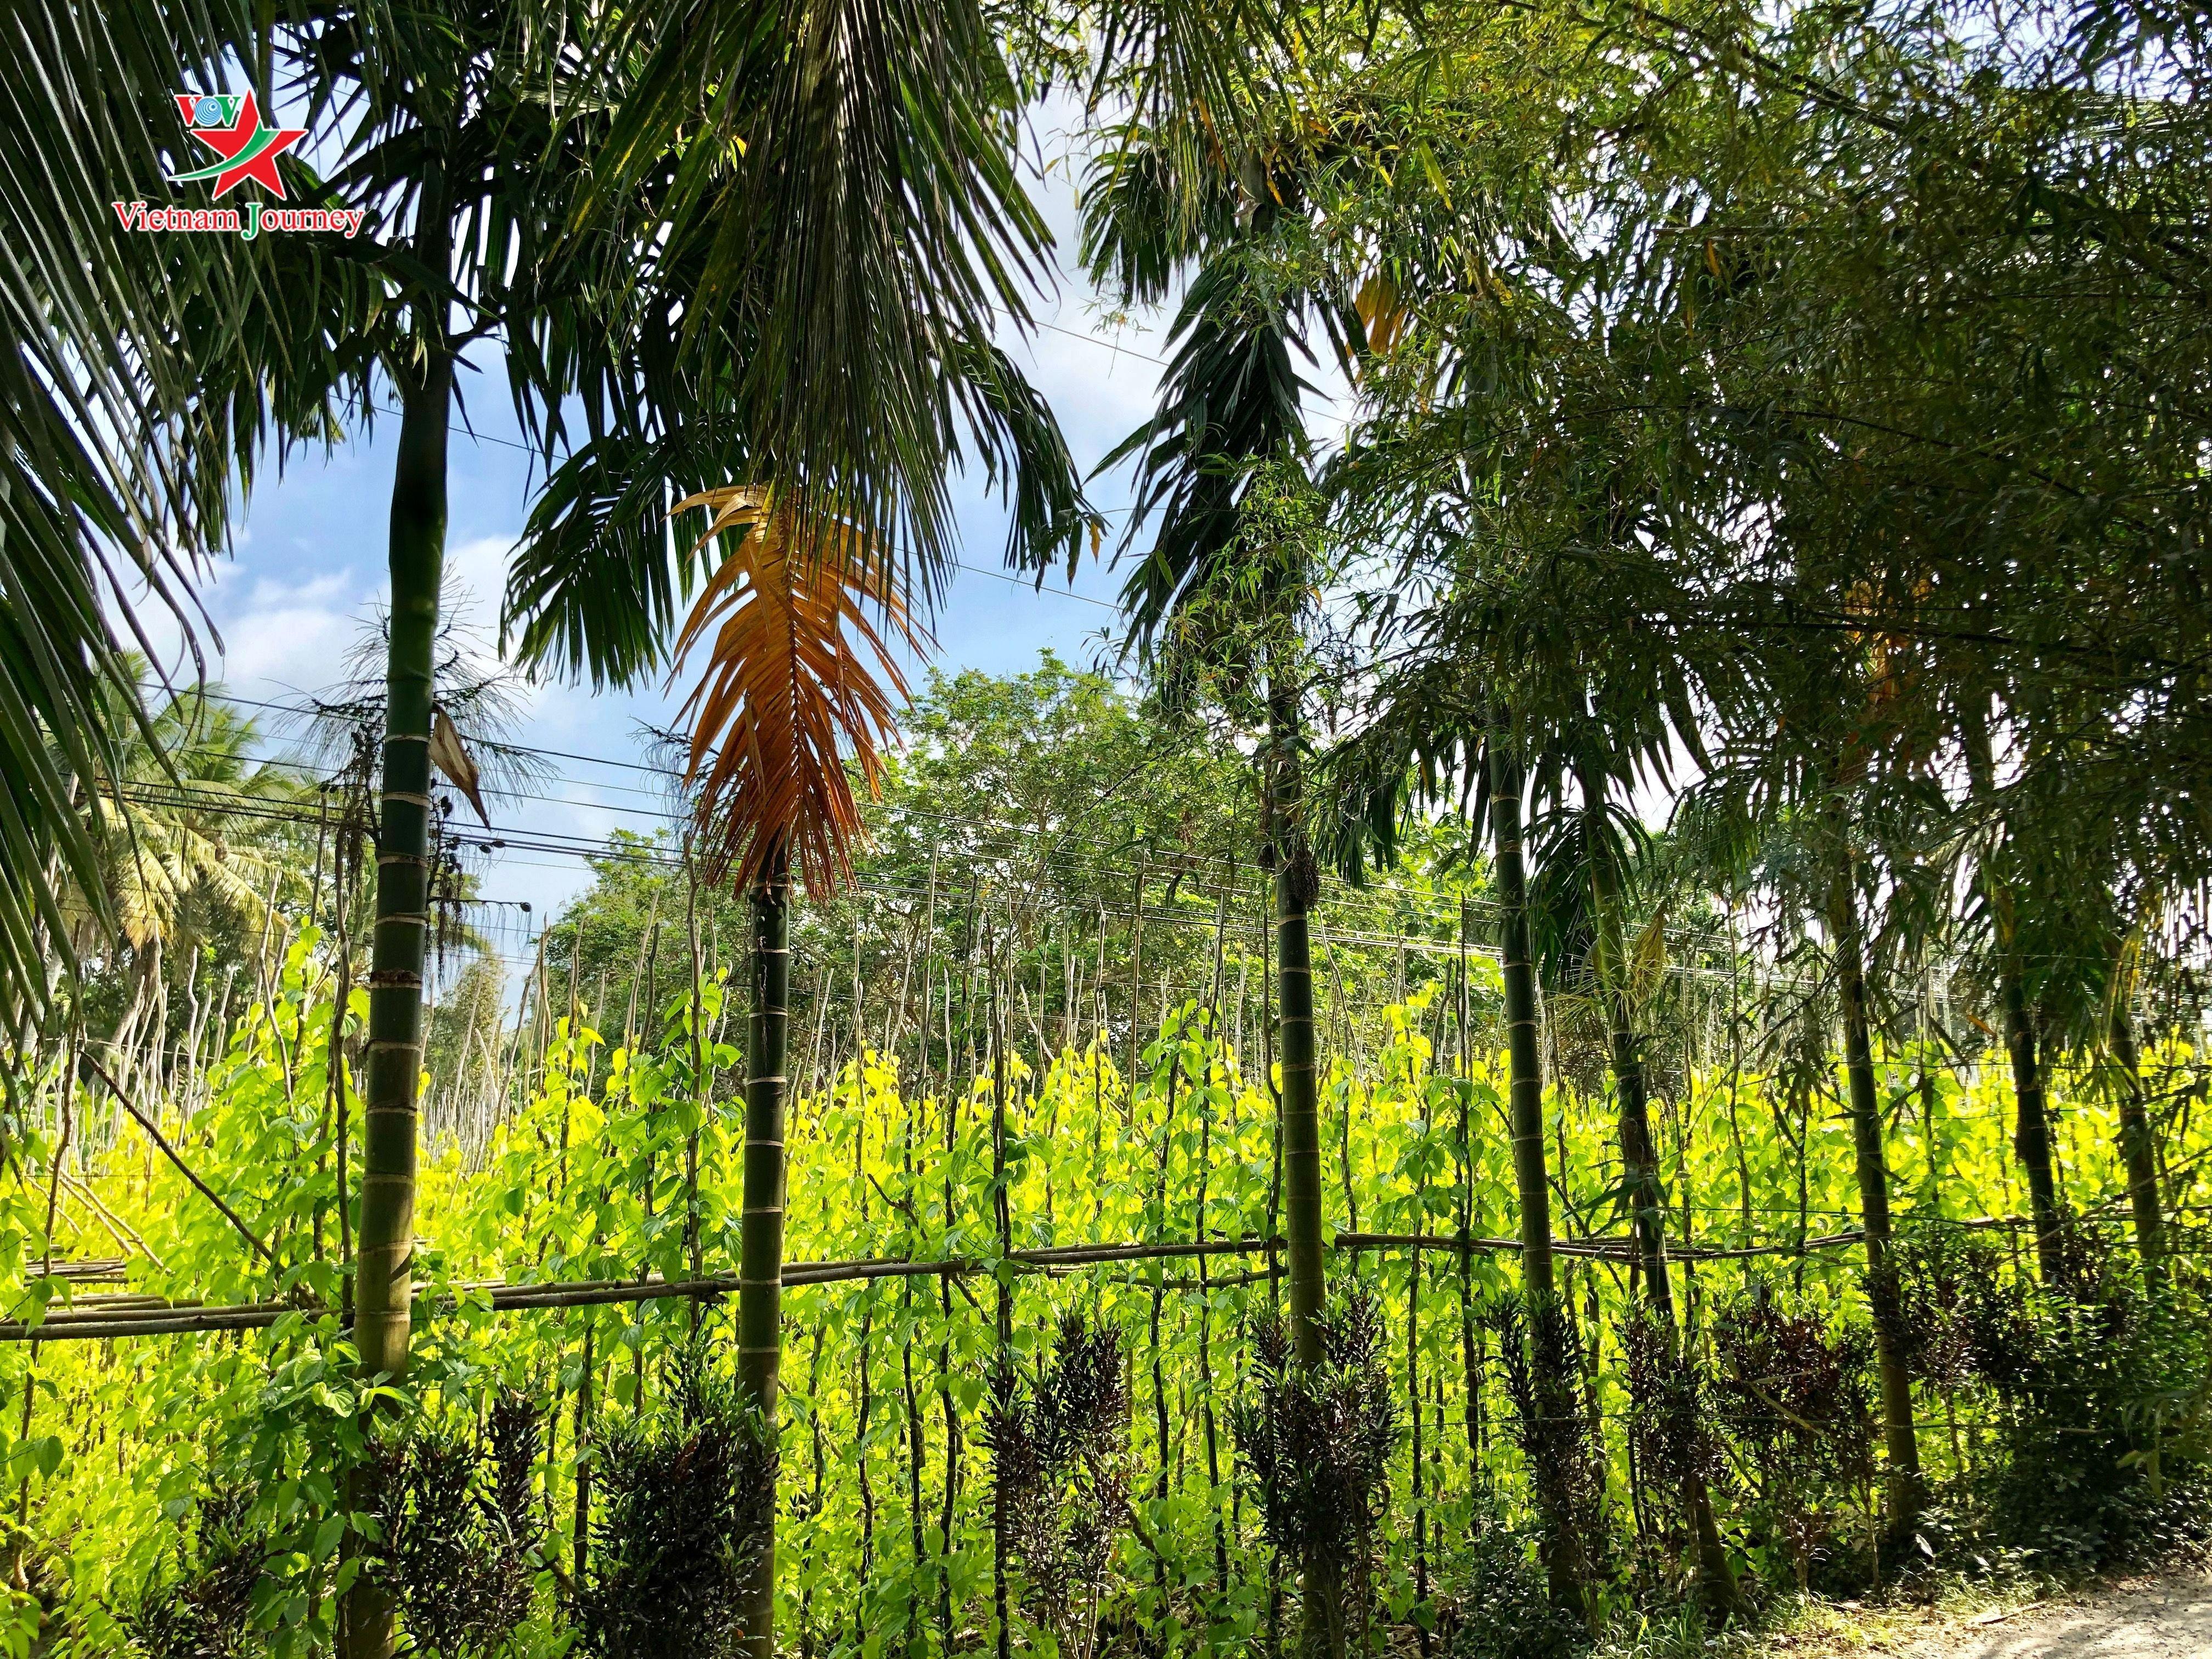 Tết về vườn trầu lớn nhất Đồng bằng sông Cửu Long